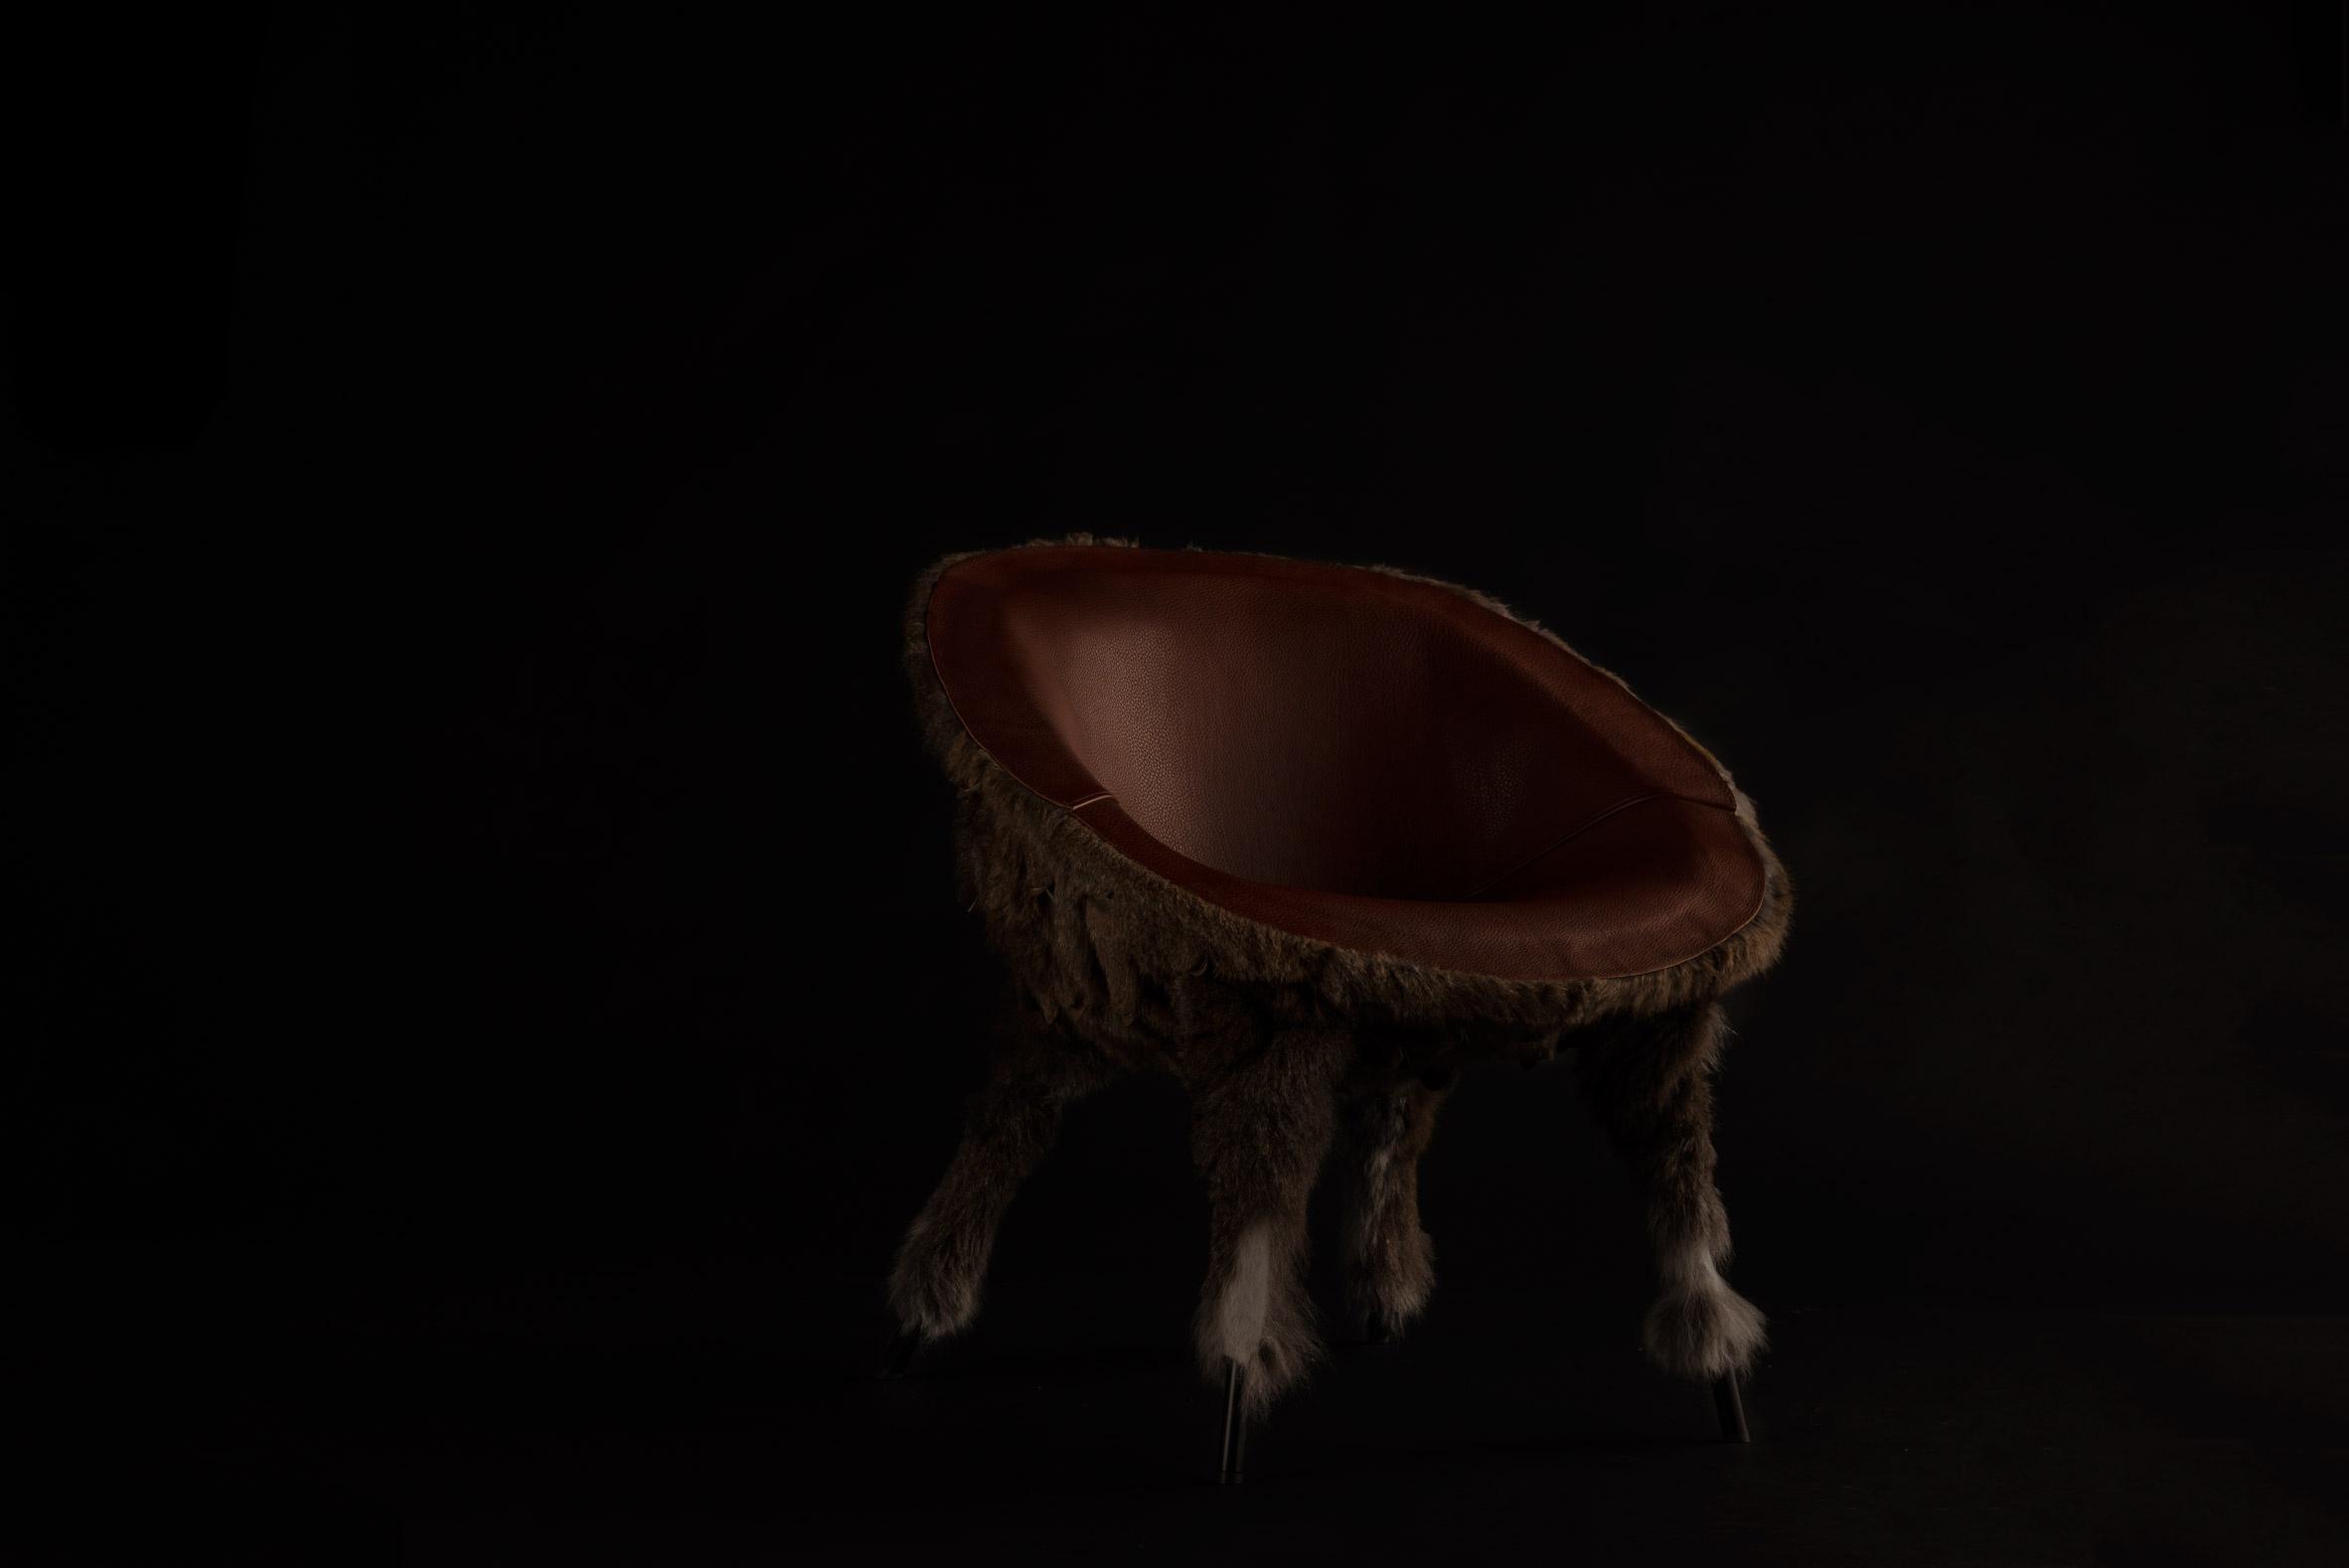 broached-monsters-trent-jensen-design-furniture-chairs_dezeen_2364_col_5_01